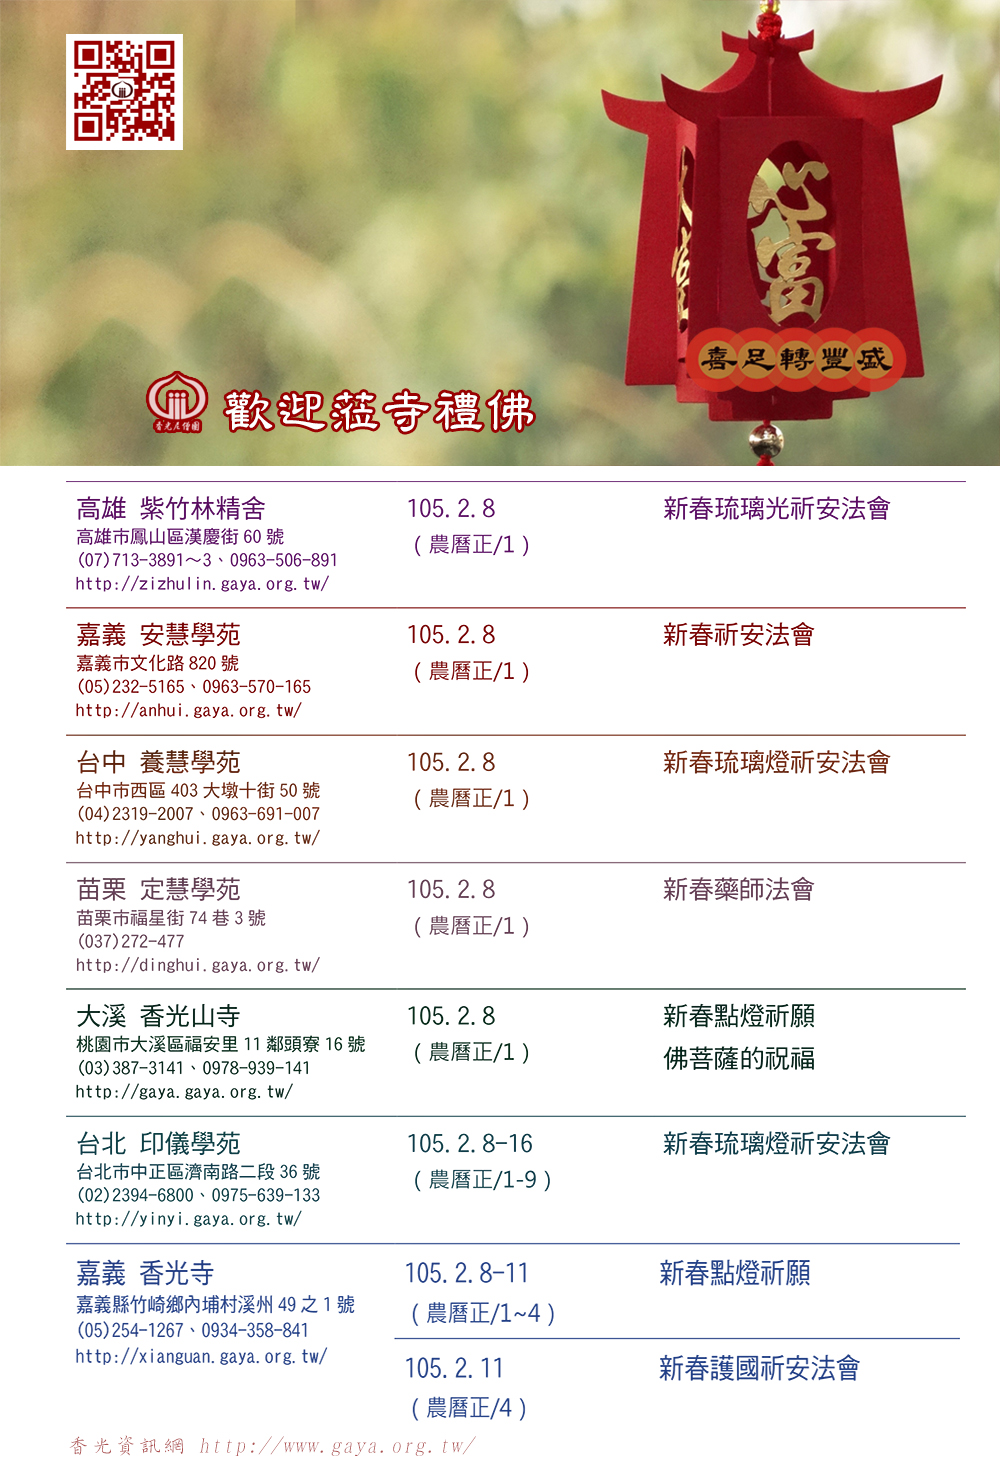 105.2.8  (農曆正/1)新春點燈祈願、佛菩薩的祝福 歡迎蒞寺禮佛